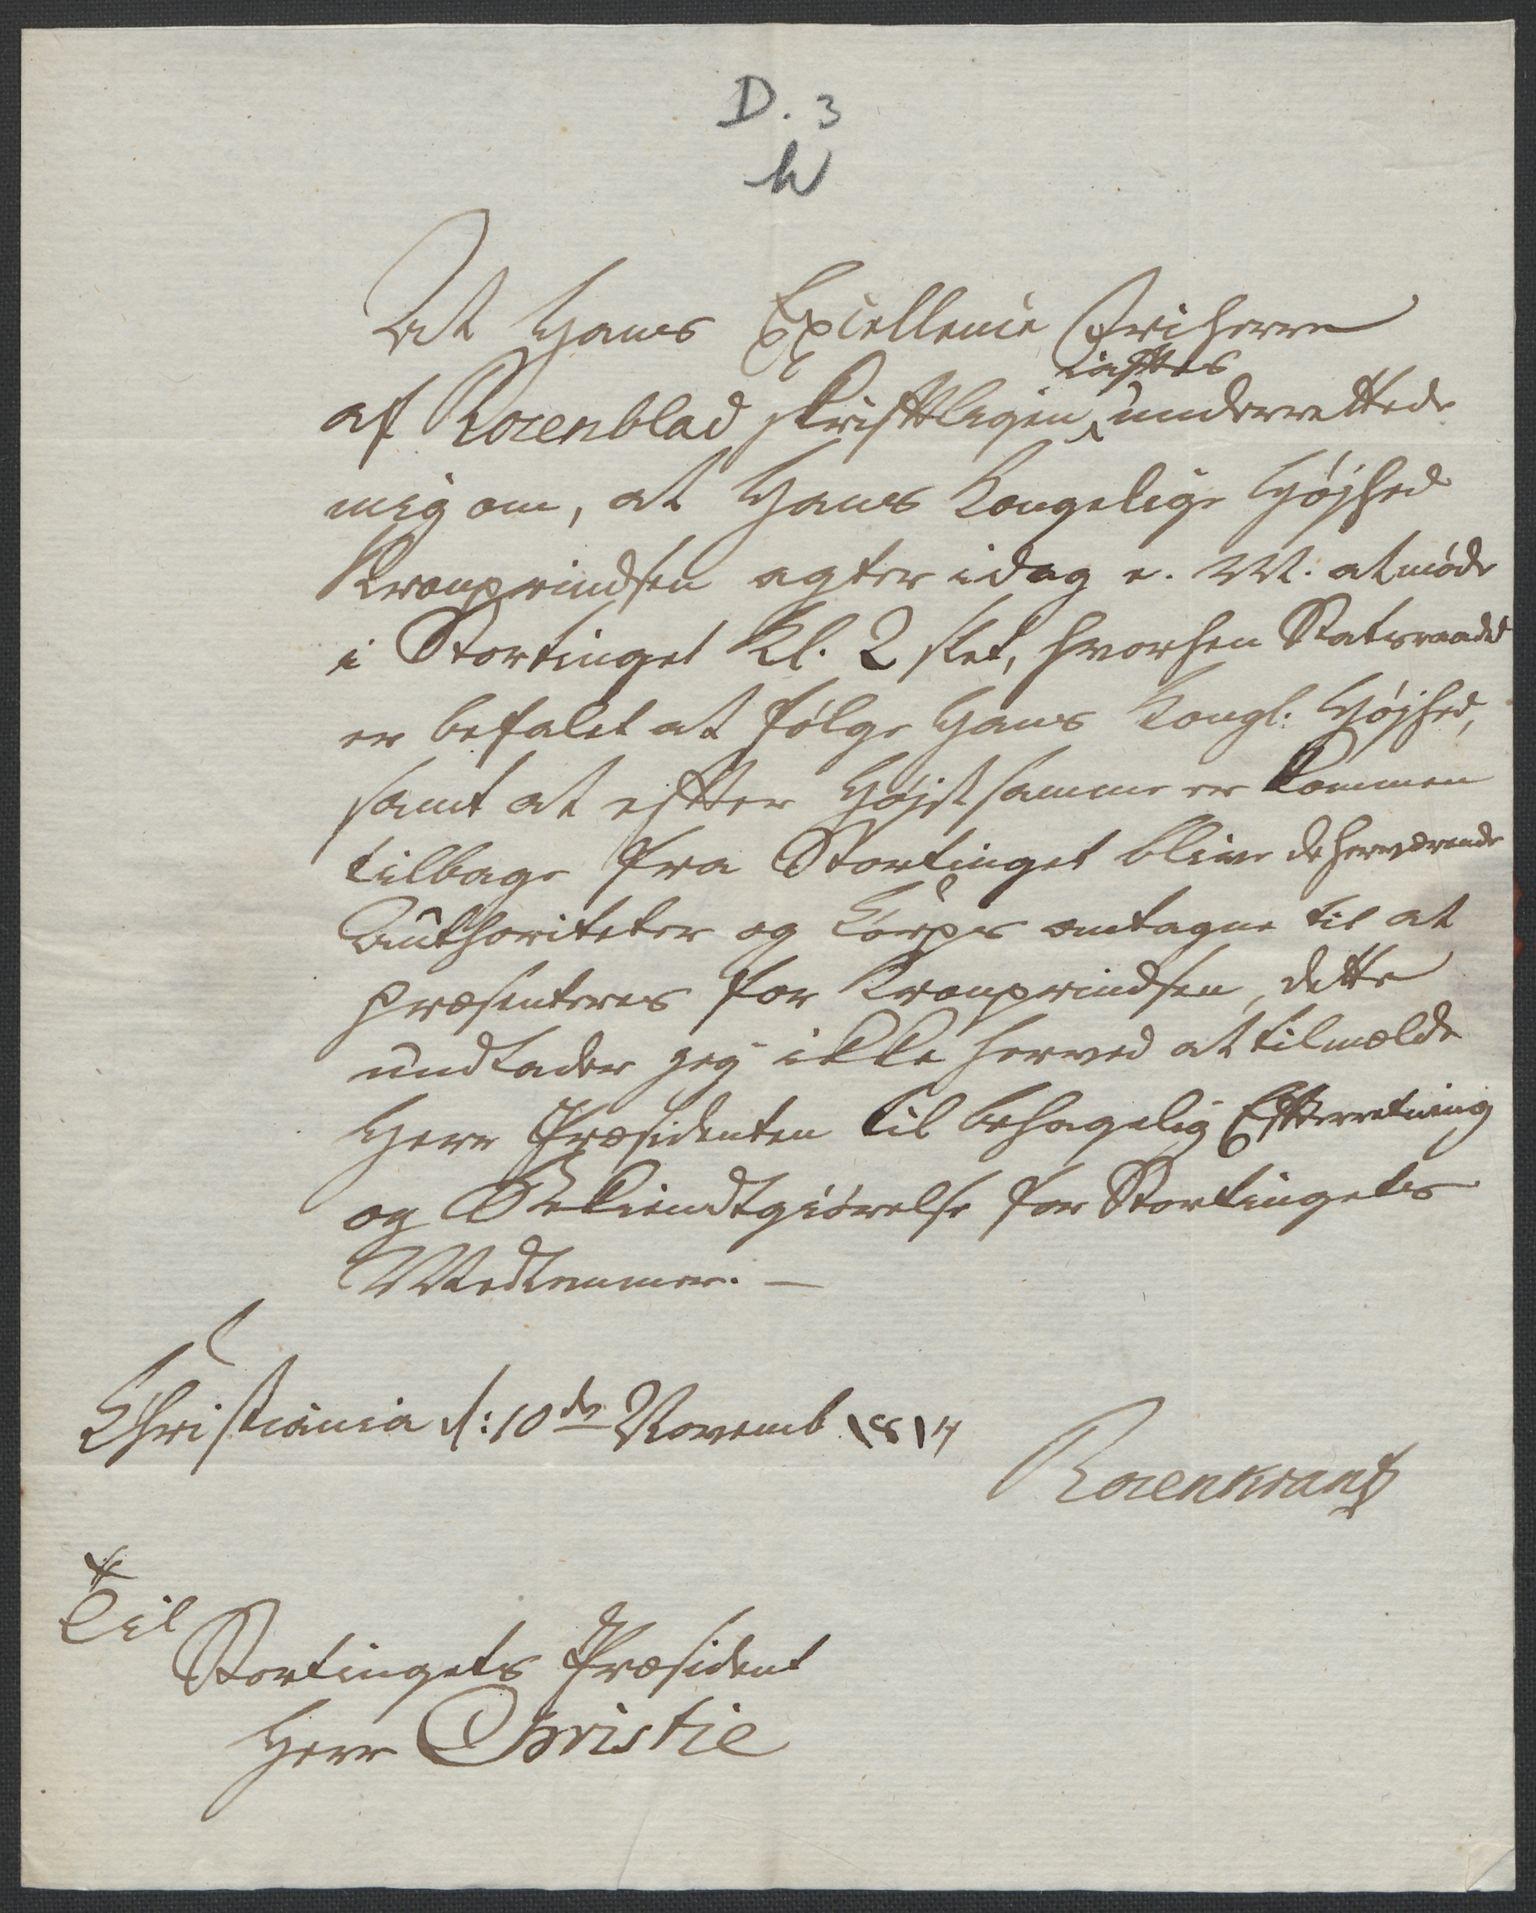 RA, Christie, Wilhelm Frimann Koren, F/L0004, 1814, s. 216